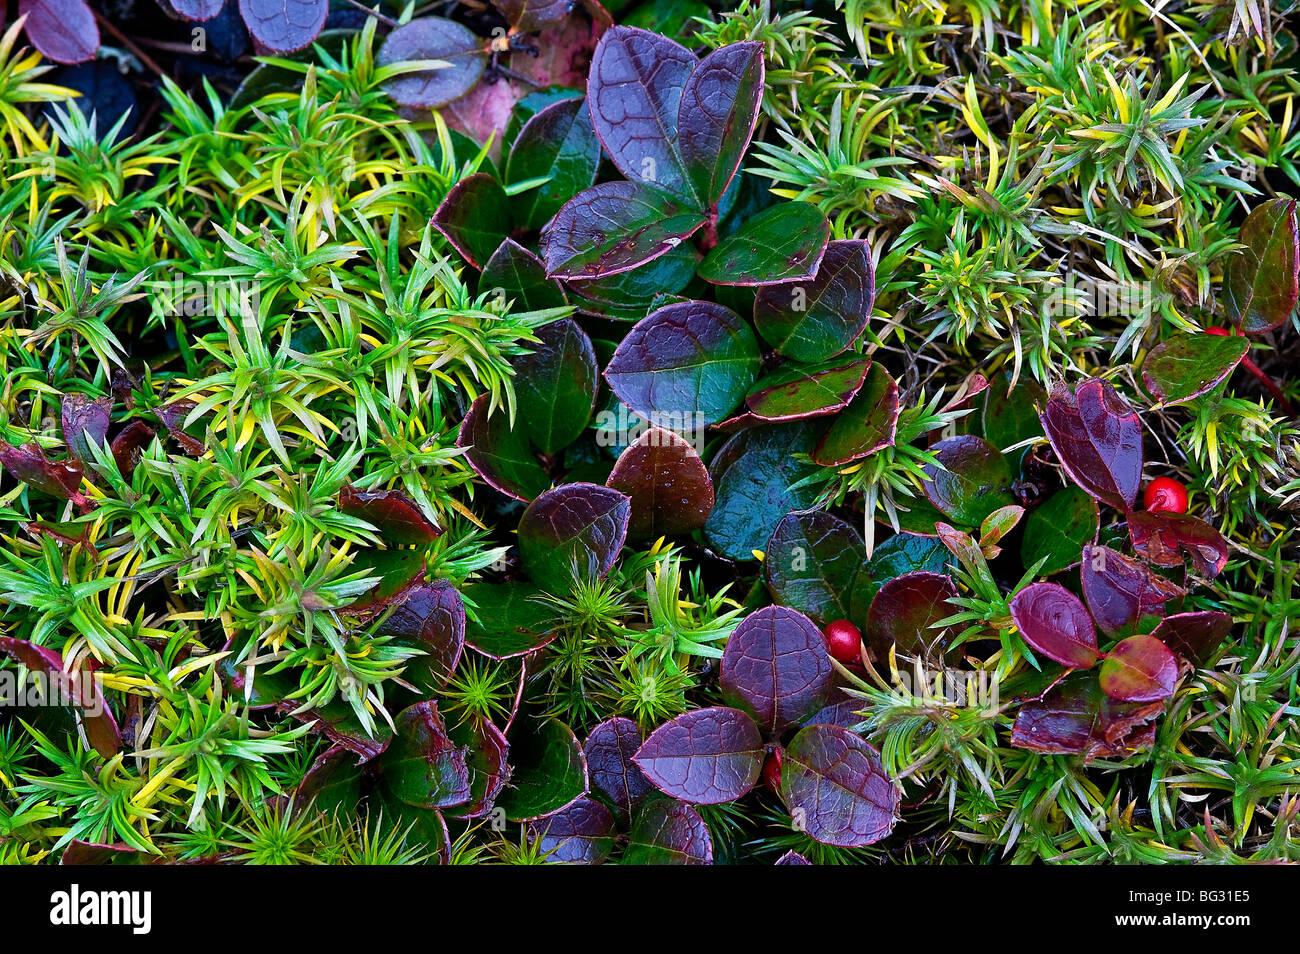 Otoño colorido suelo cubrir las plantas. Imagen De Stock